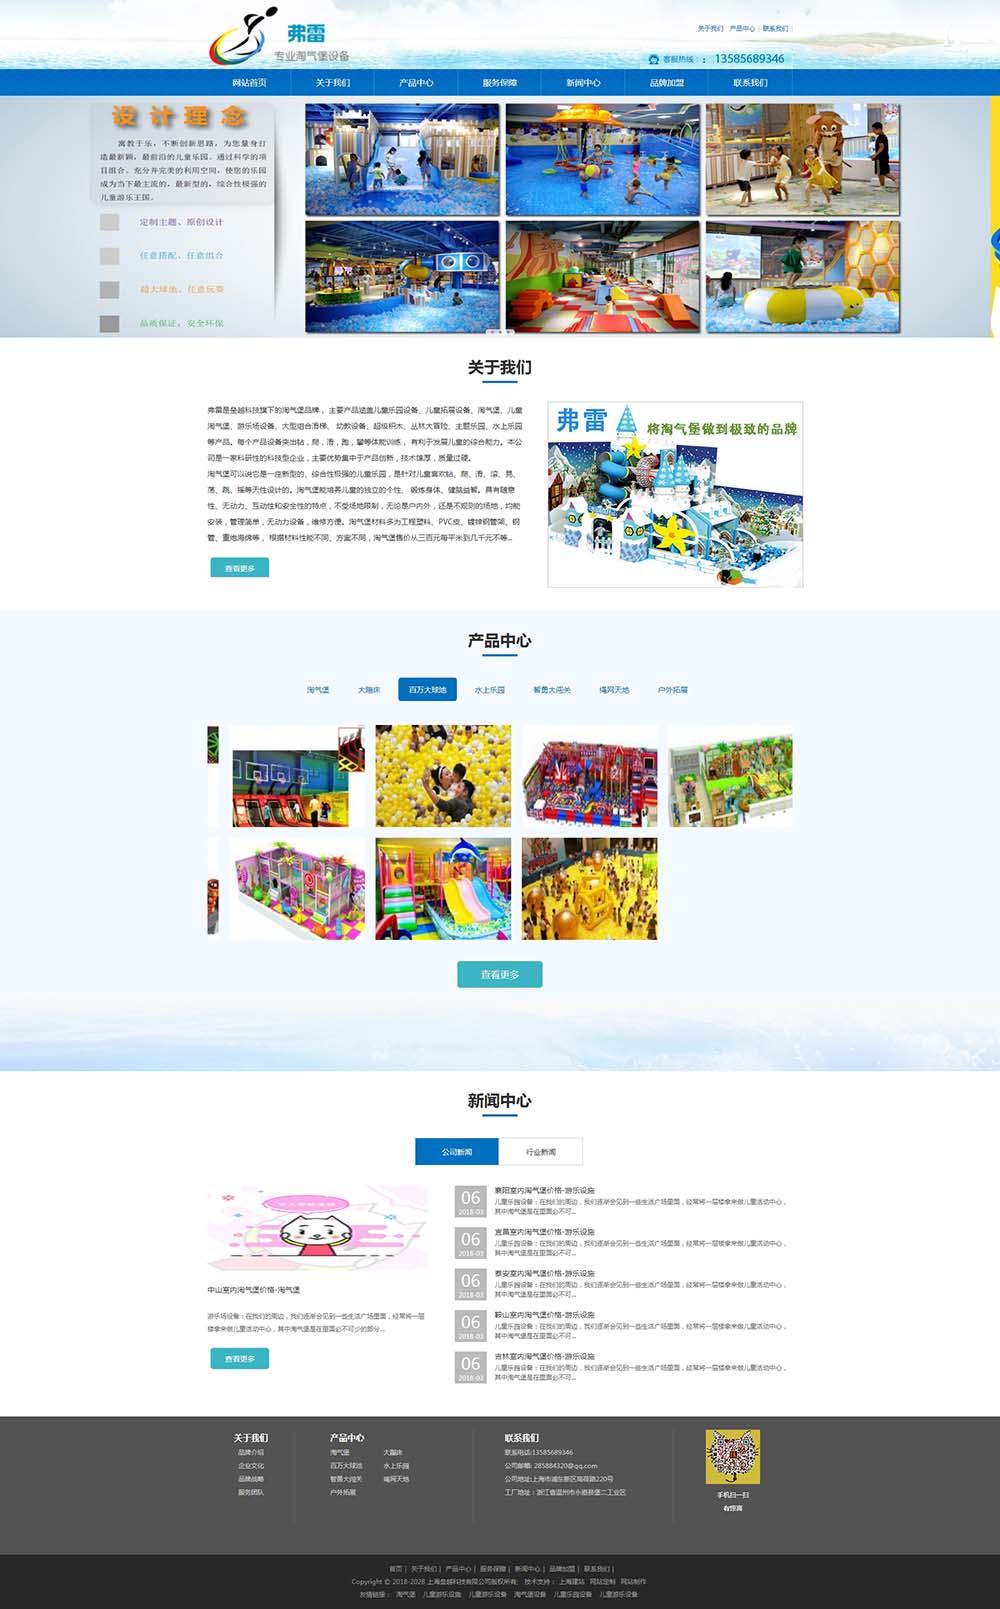 弗雷―垒越科技旗下淘气堡品牌网站上线